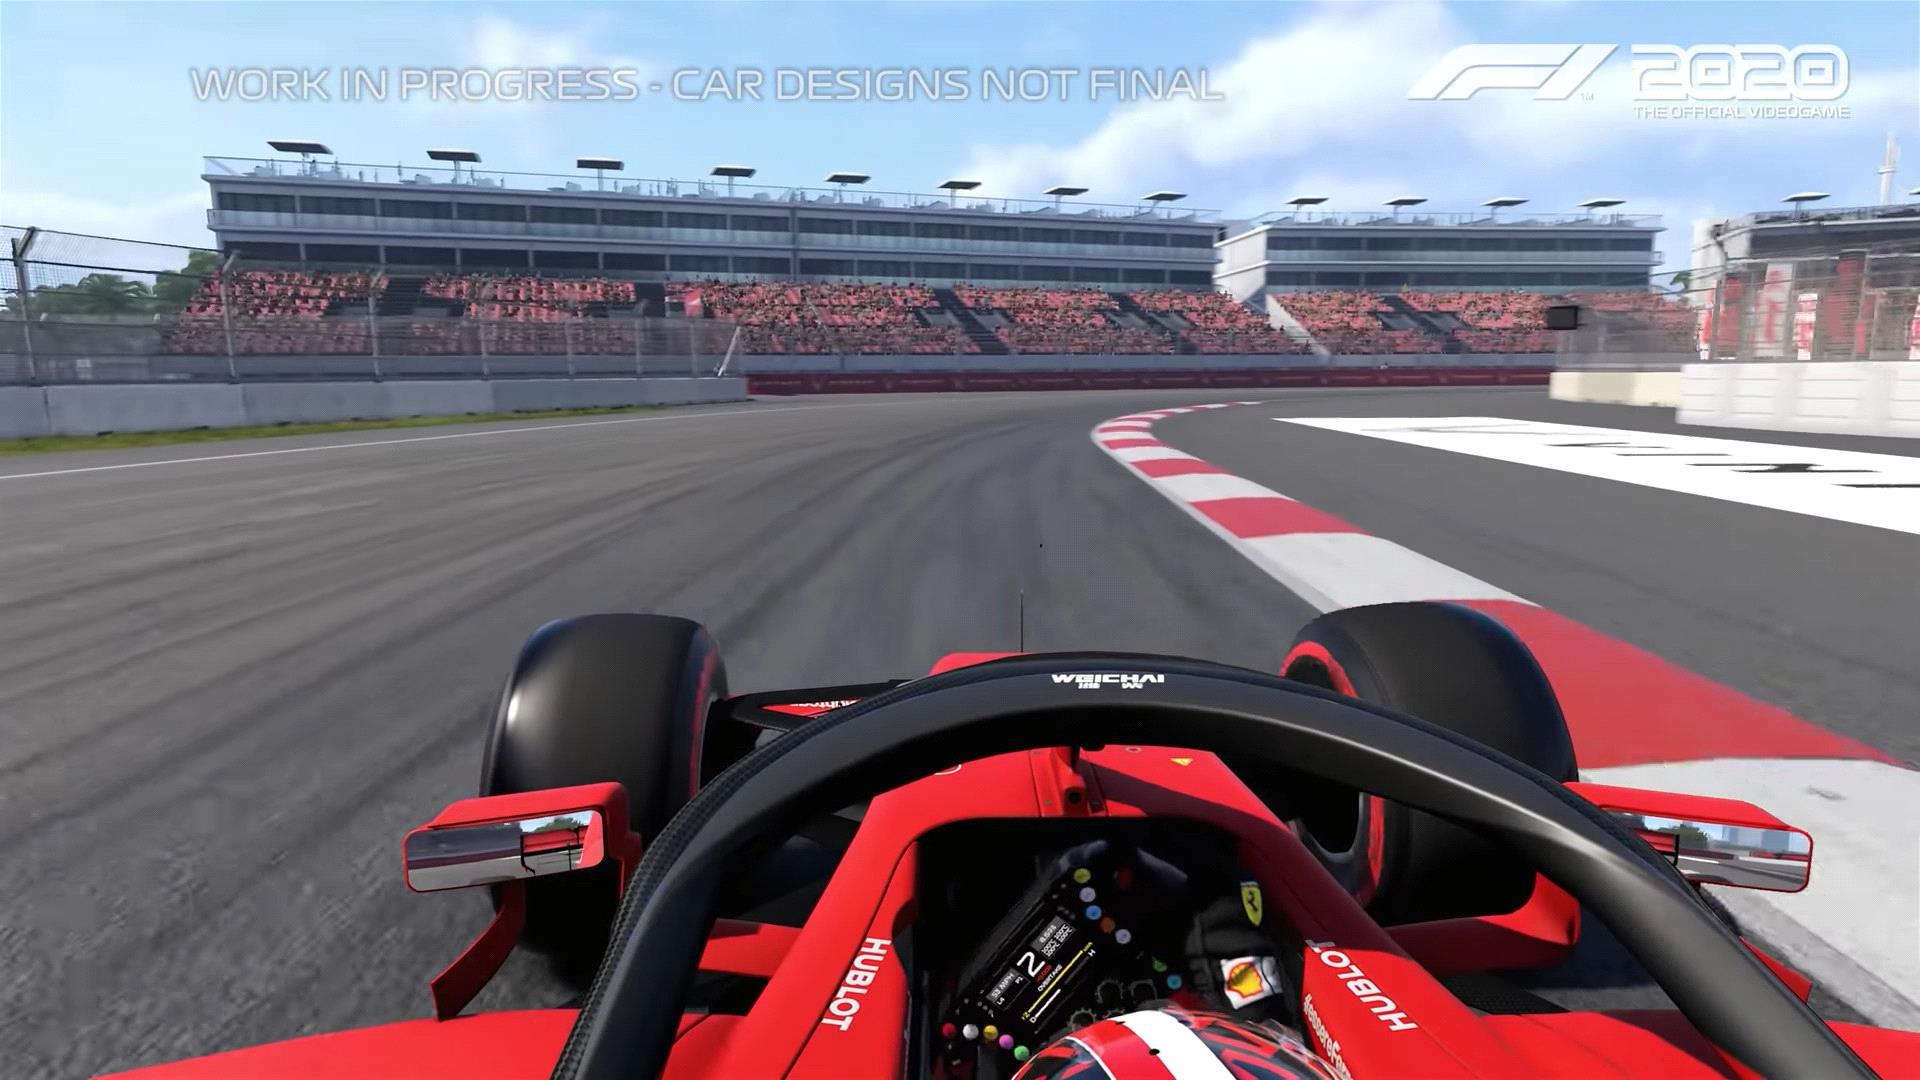 Đường đua F1 tại Việt Nam bất ngờ xuất hiện trong tựa game đua xe đình đám - Ảnh 1.